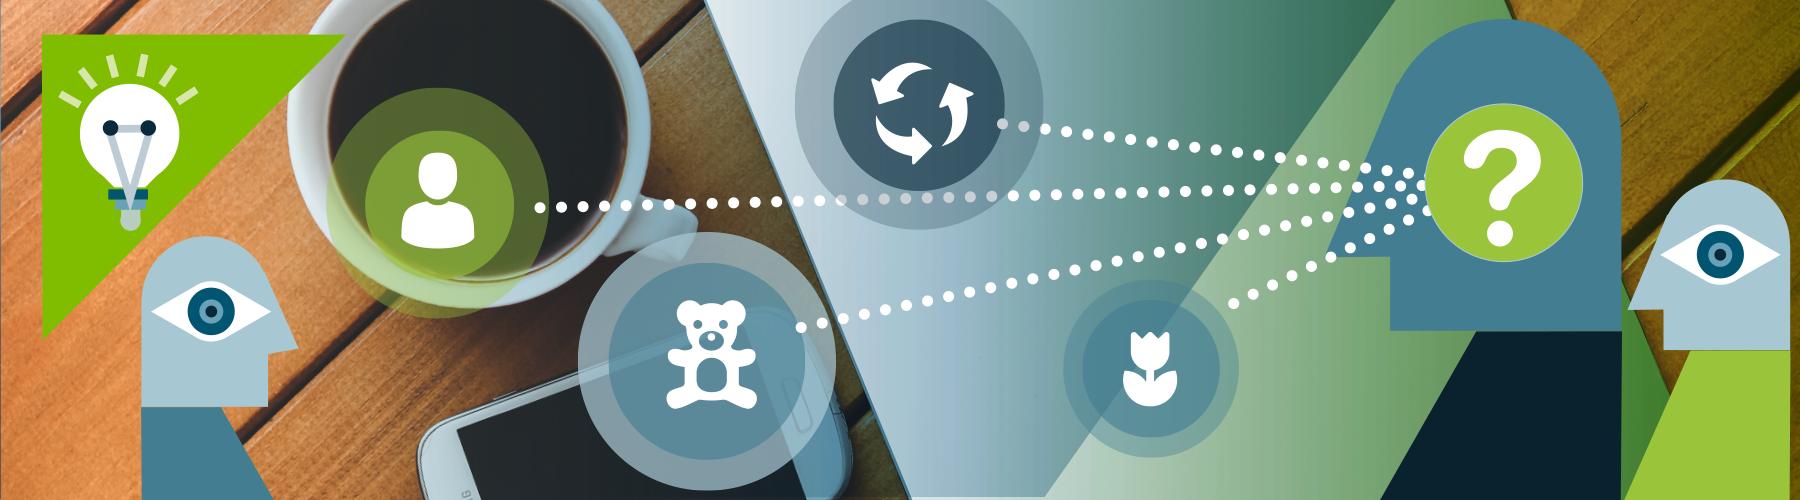 Logotipo, Isotipo, Imagotipo e Isologo… ¿Qué son y cómo se diferencian?